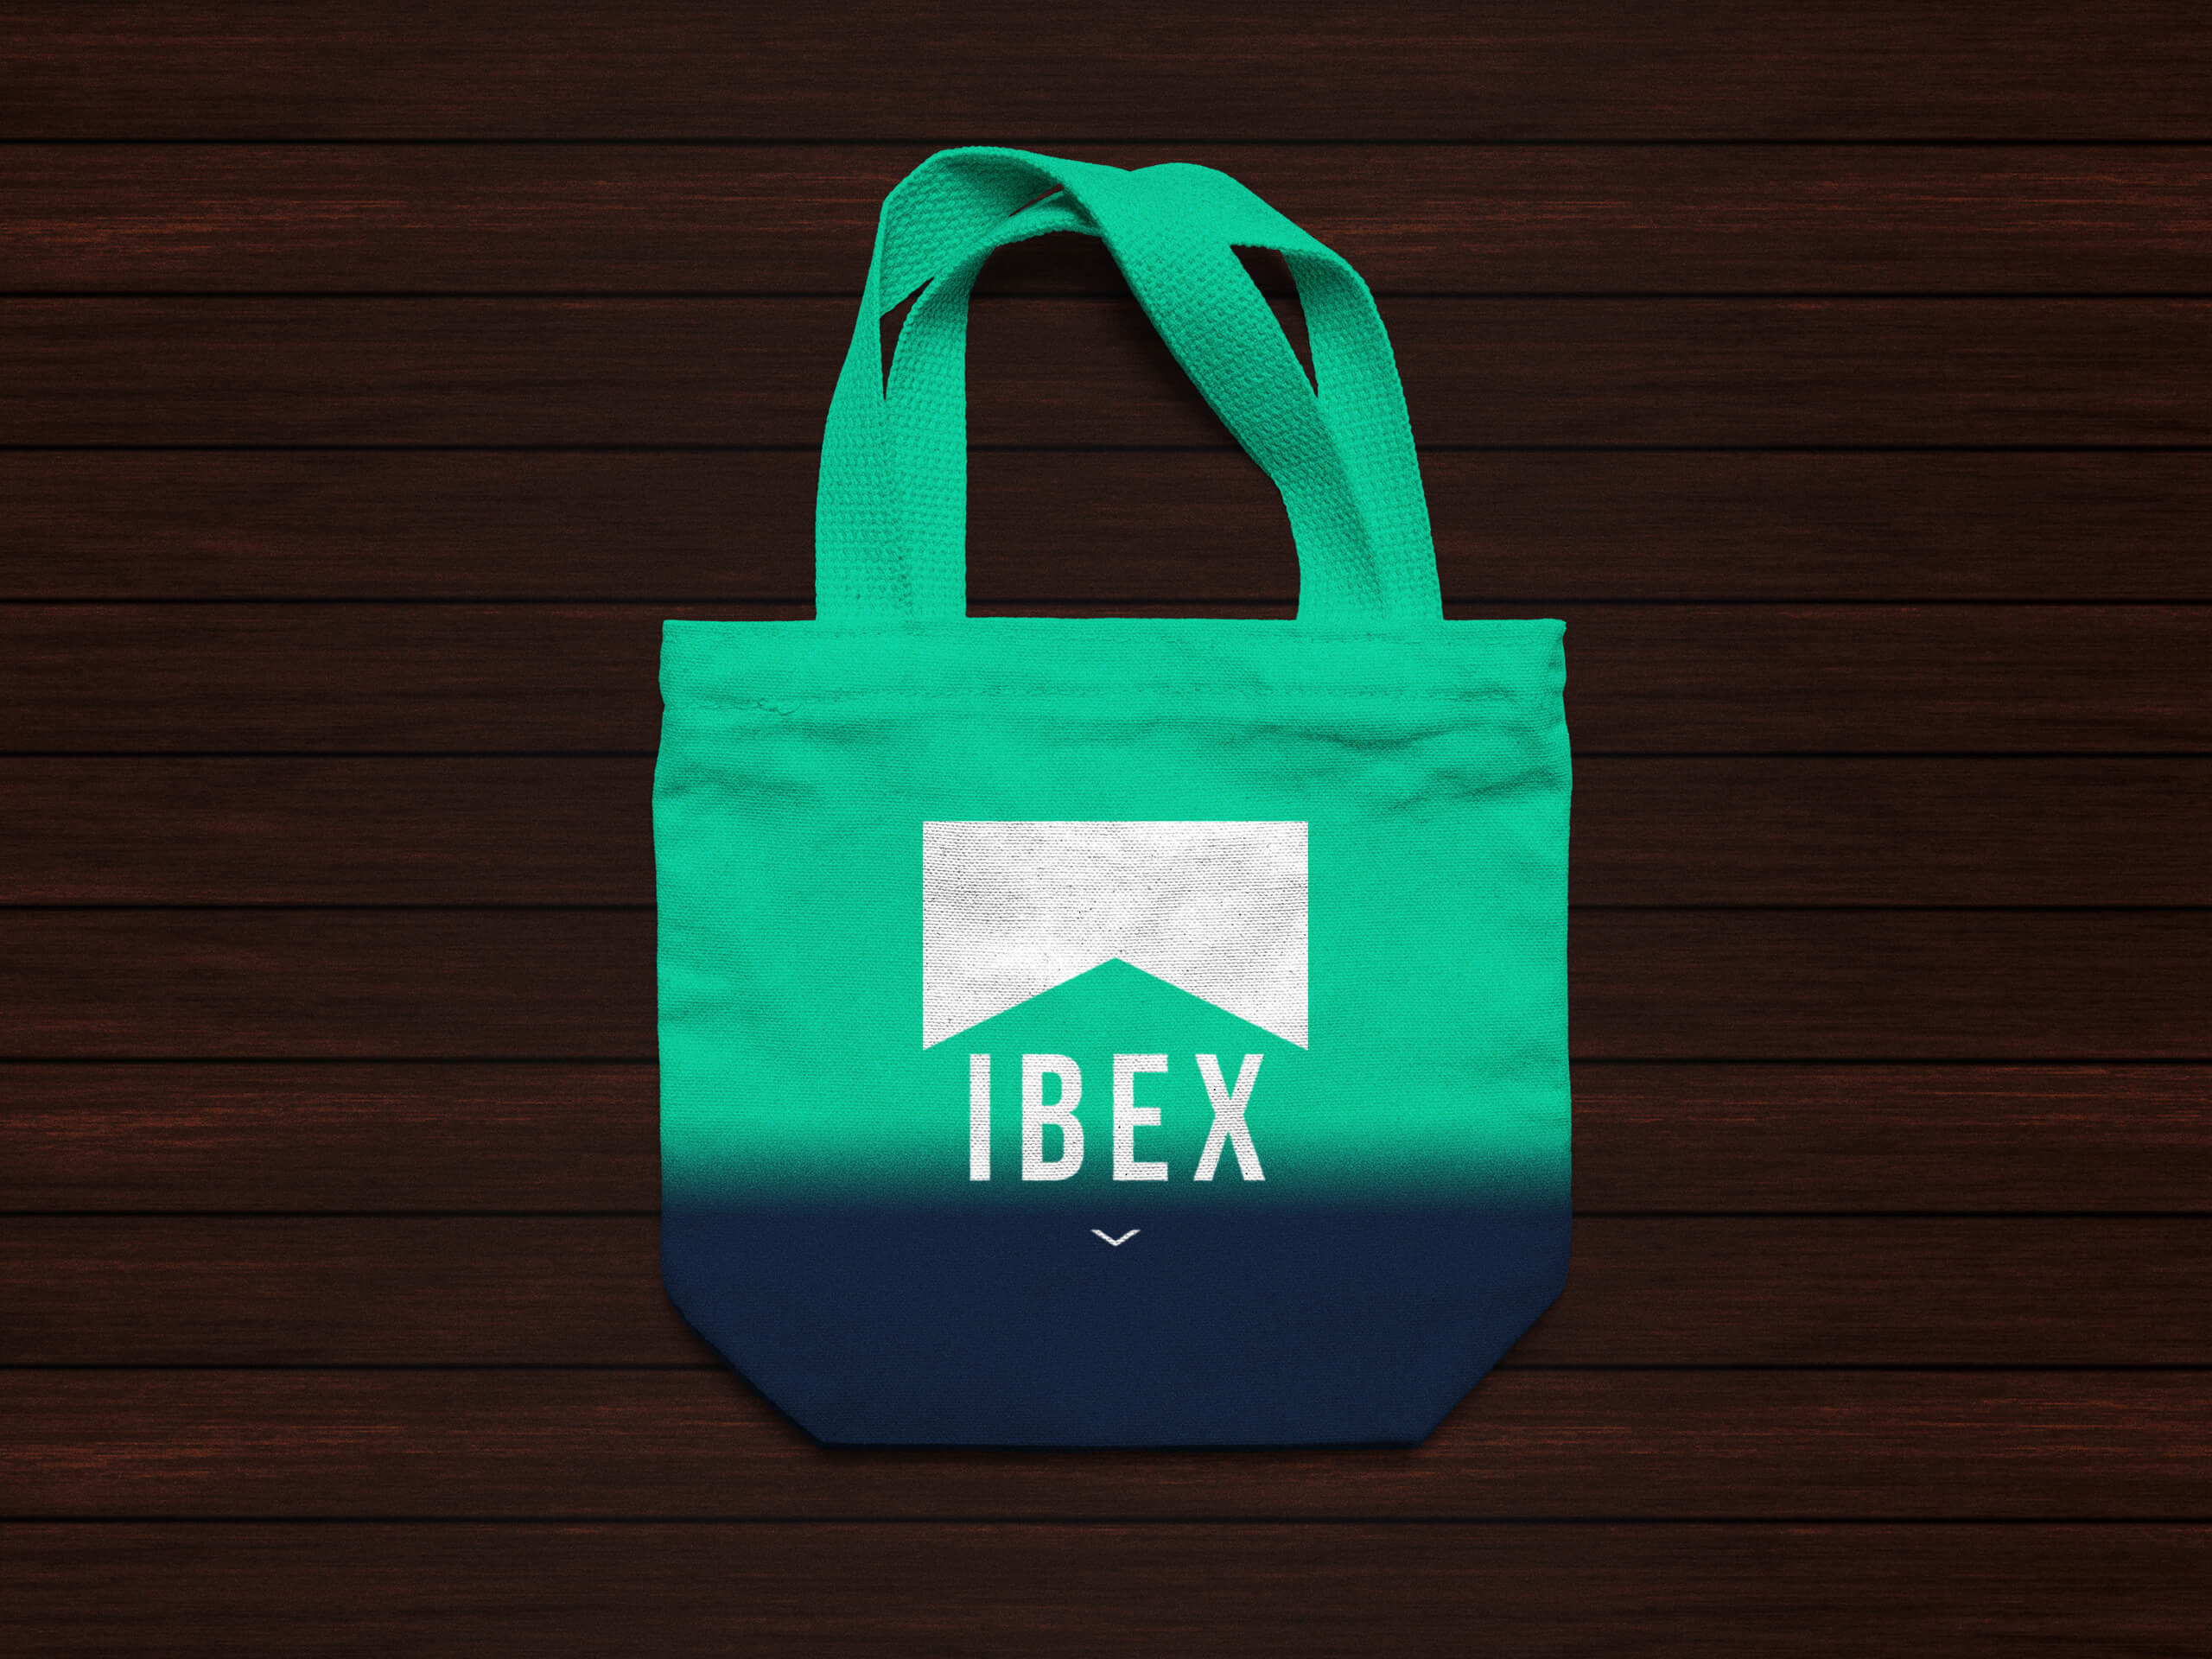 ibex-tote-mockup